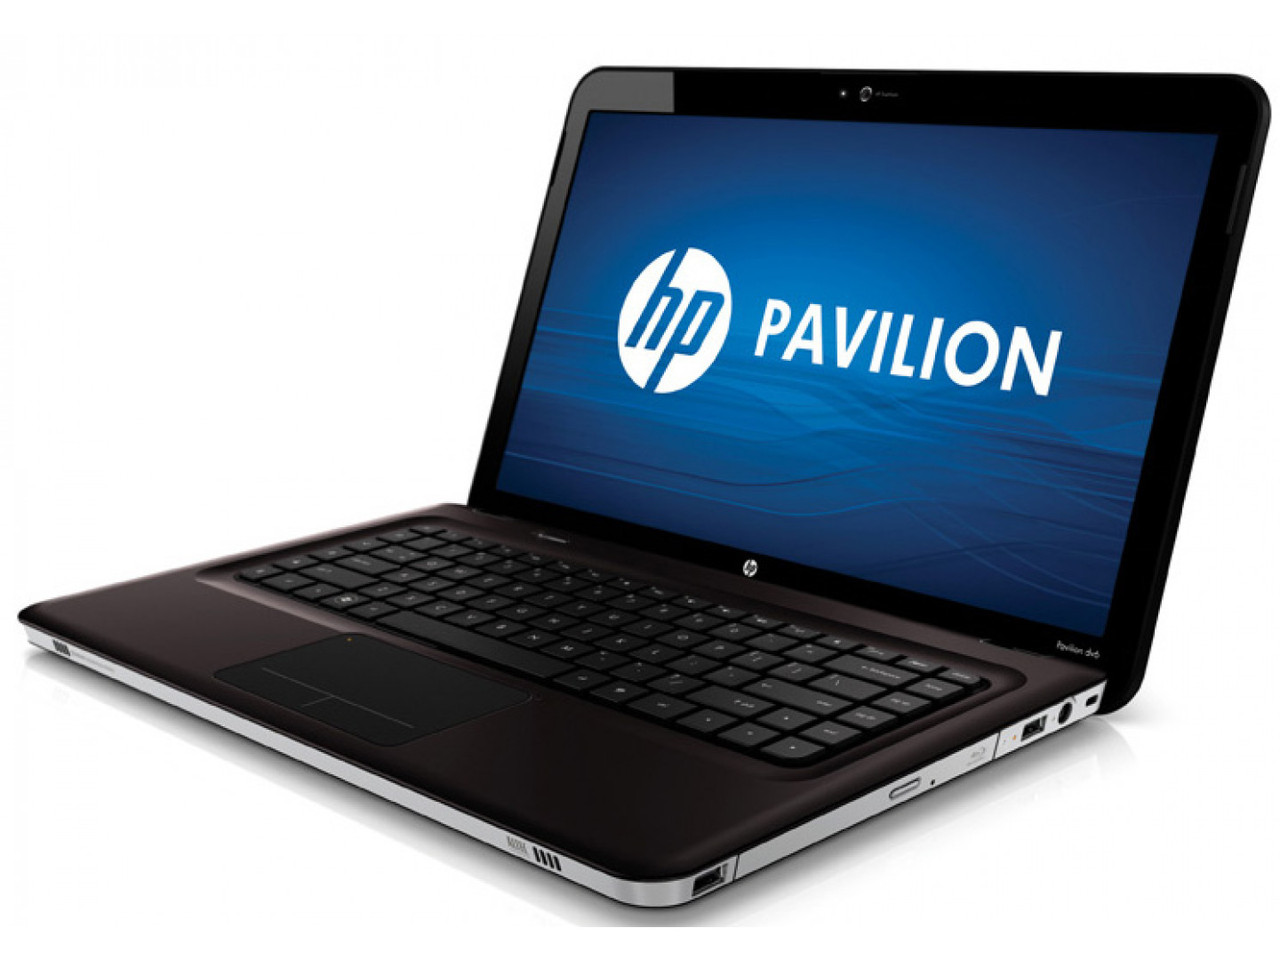 Ноутбук HP Pavilion dv6-6c02eo-AMD A6-3430MX-1.7GHz-4Gb-DDR3-500Gb-HDD-W15.6-Web-DVD-R-AMD Radeon HD